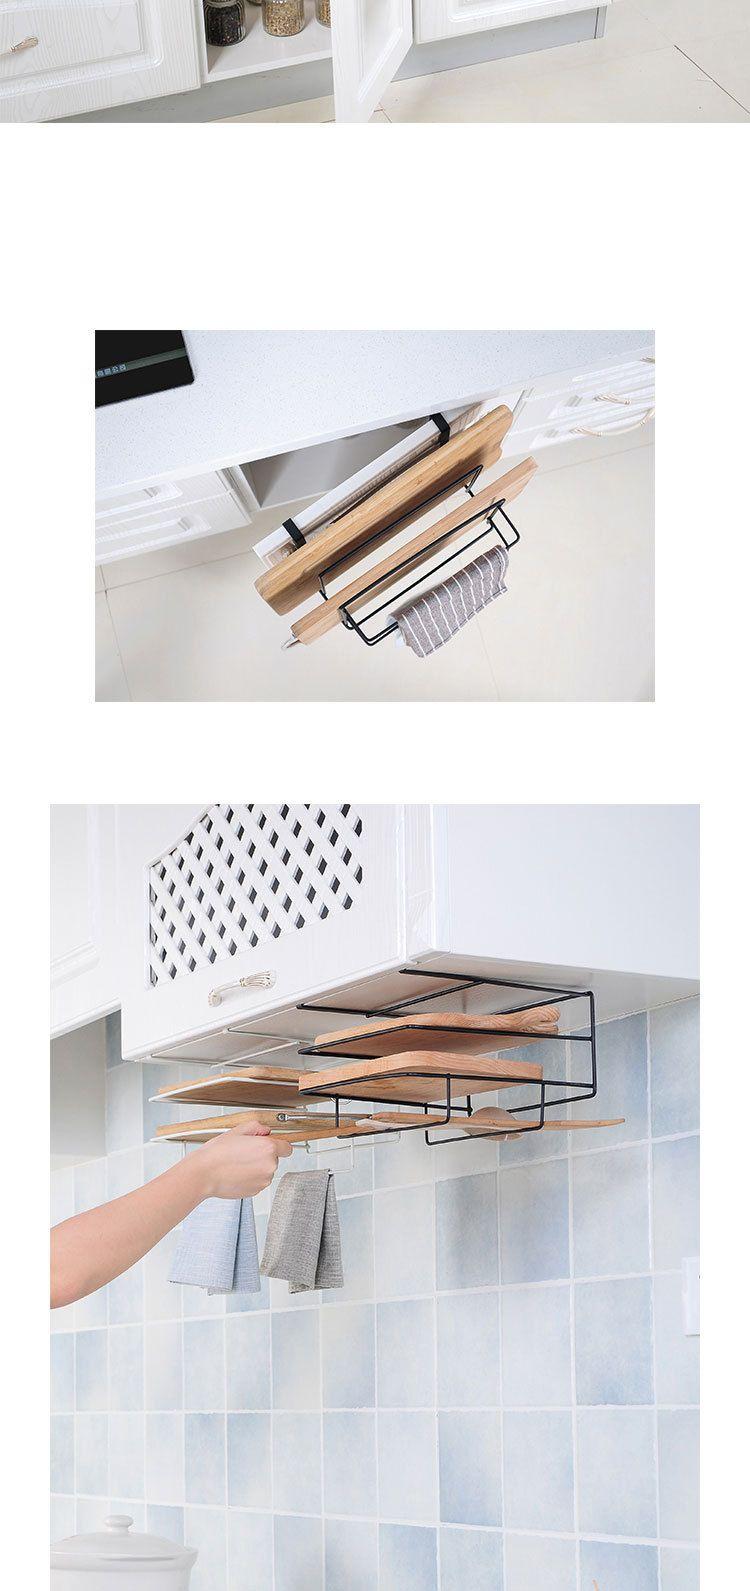 Metal Open Shelves for Kitchen #dishracks